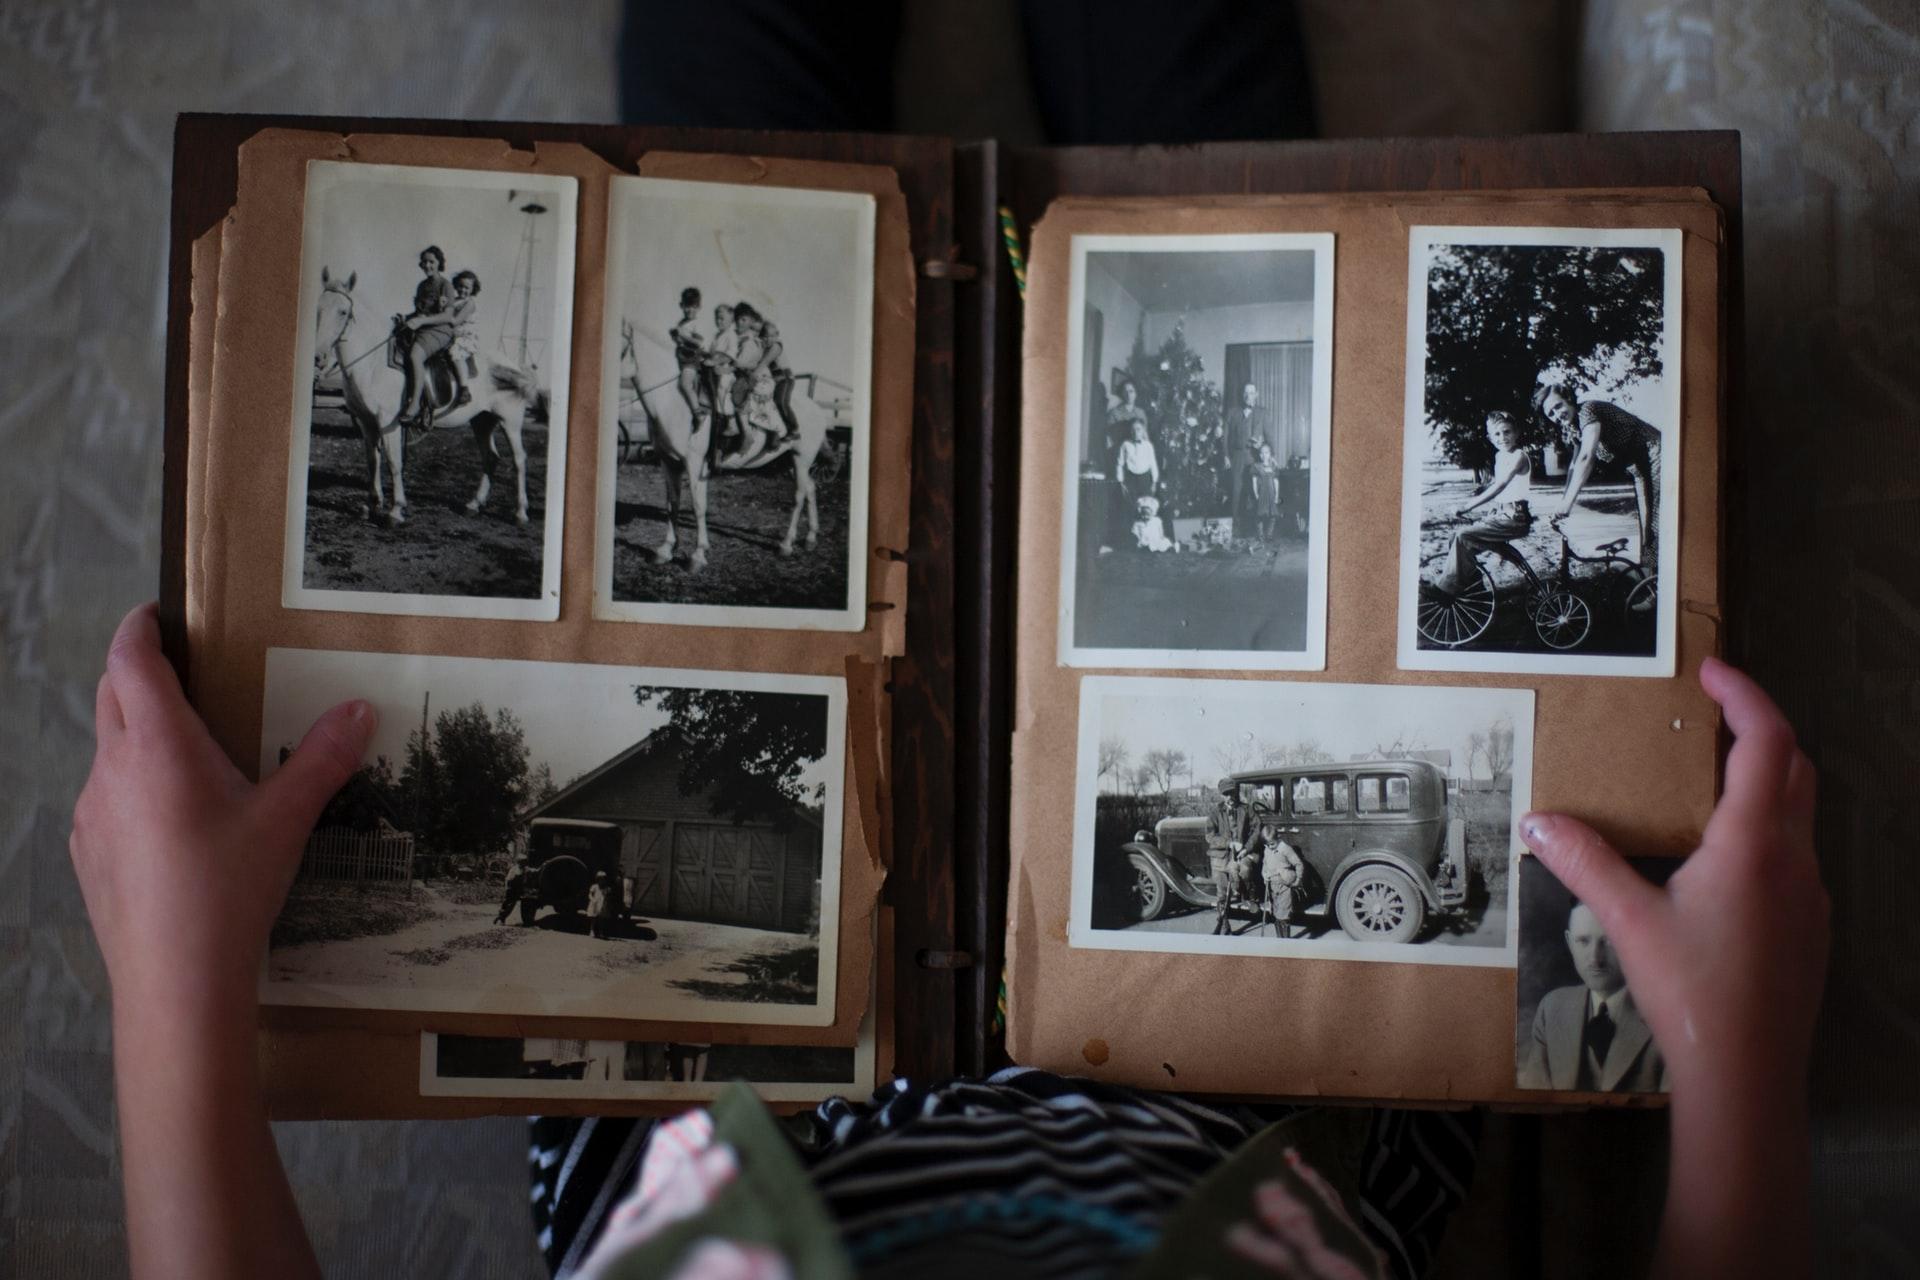 Dzīvojot mājās, cilvēki iesaistās mūzikas un  foto izaicinājumos